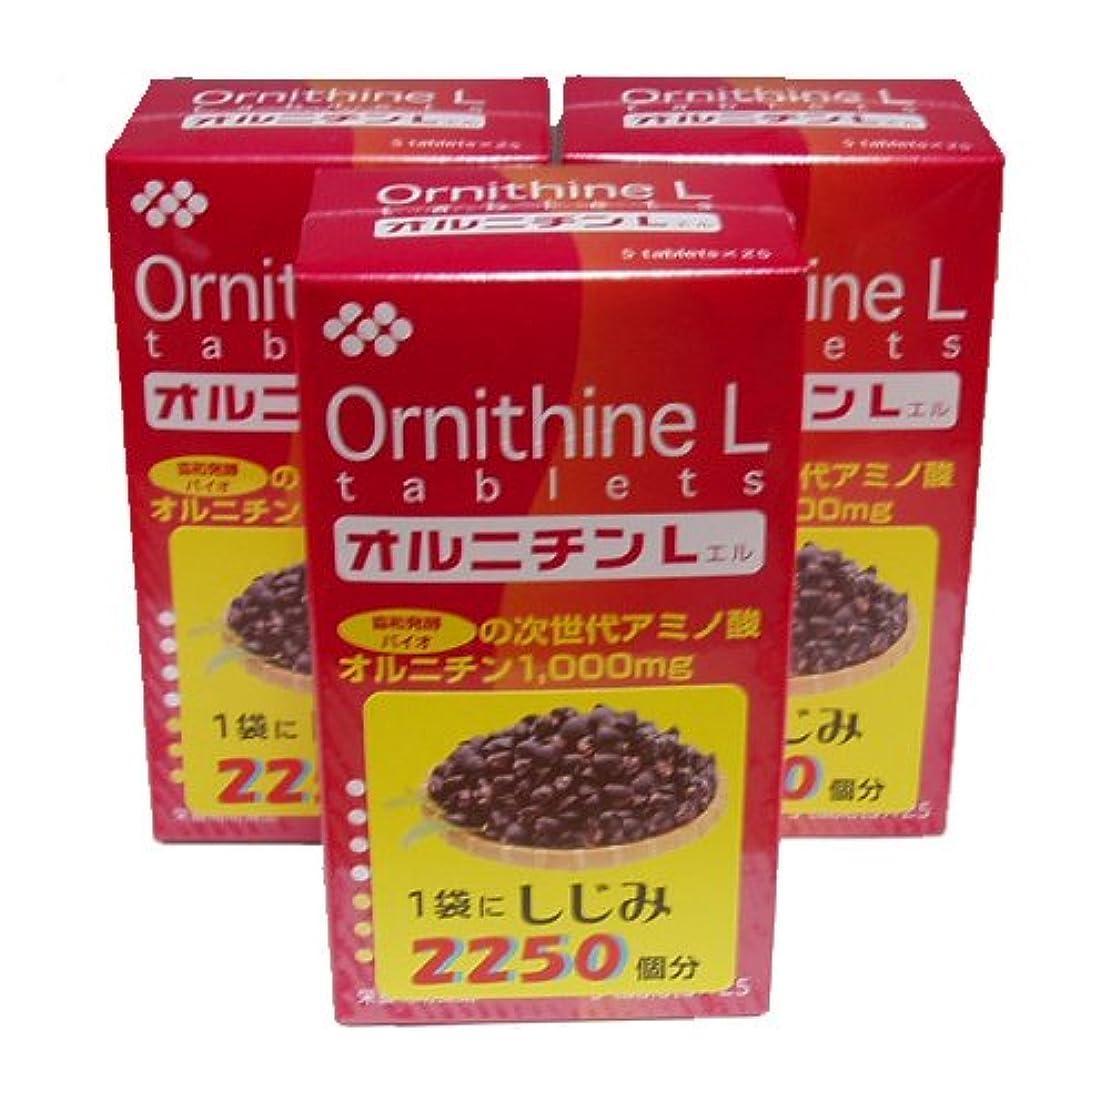 休日に通常インストラクター伸和製薬オルニチンL (5粒×25袋)×3個セット